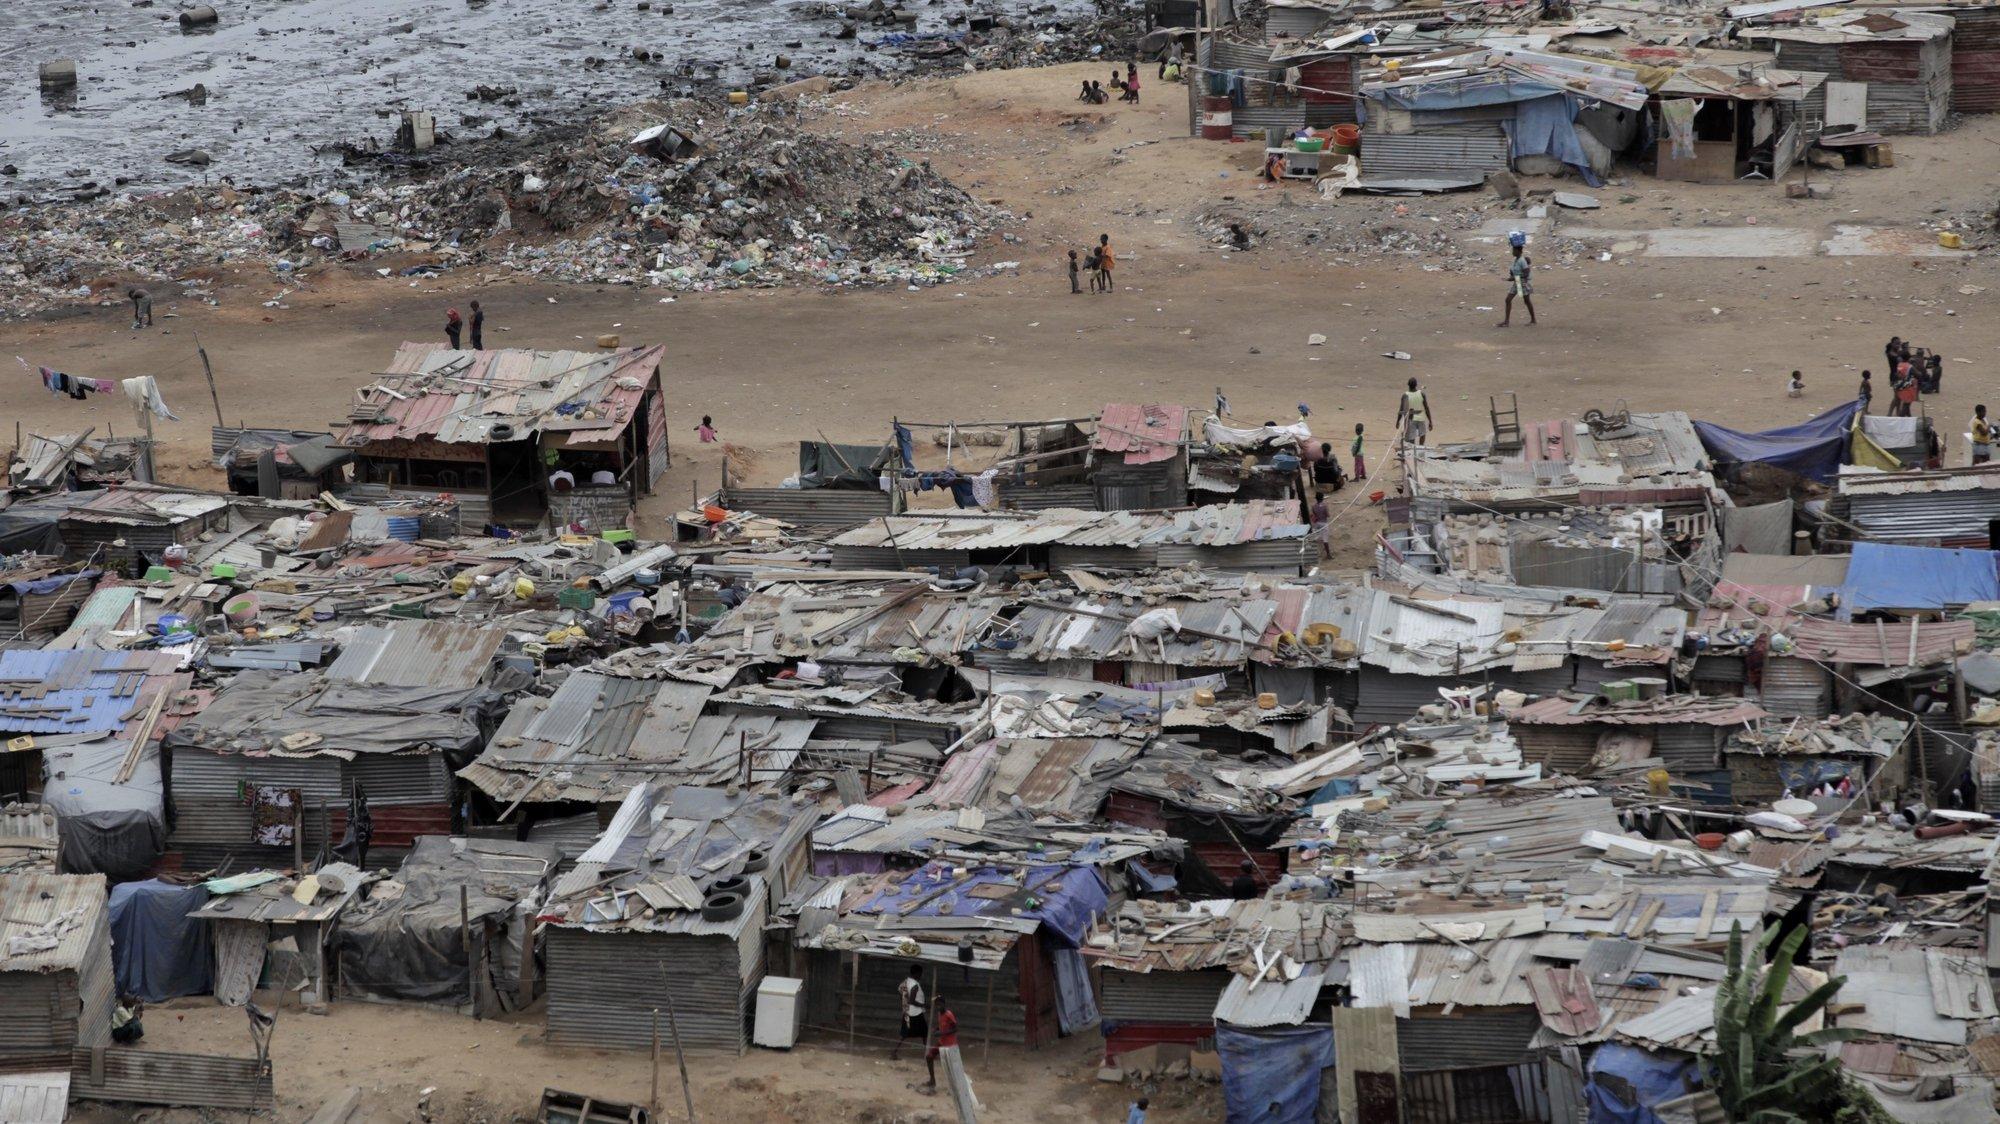 Vista de pormenor de casas do musseque da Samba na periferia da Cidade de Luanda, 2 novembro de 2015. Luanda é a capital de Angola, tem cerca de 6 milhões de habitantes a maior parte da população vive em bairros periféricos à cidade que é uma das cidades mais caras do mundo. (ACOMPANHA TEXTO). PAULO CUNHA/LUSA